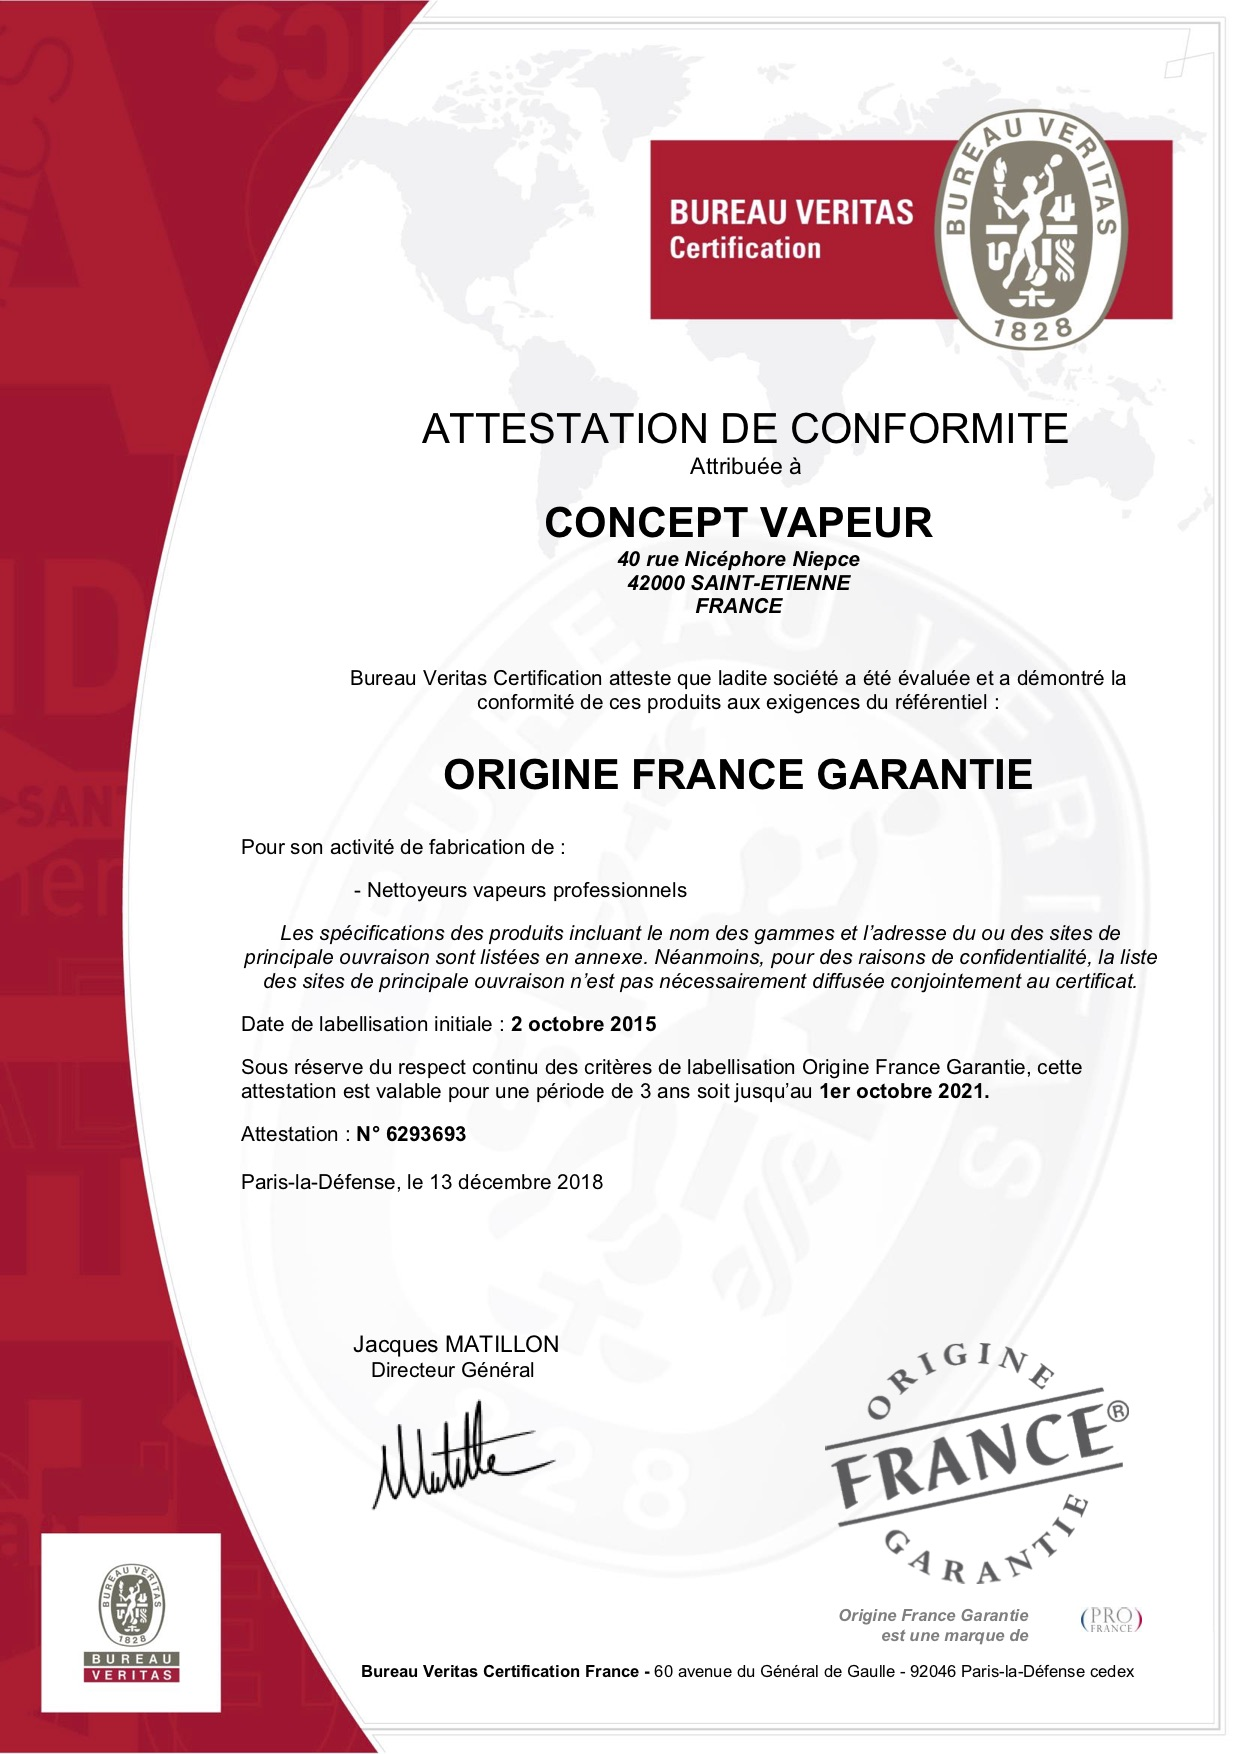 Certification délivrée par le bureau Veritas